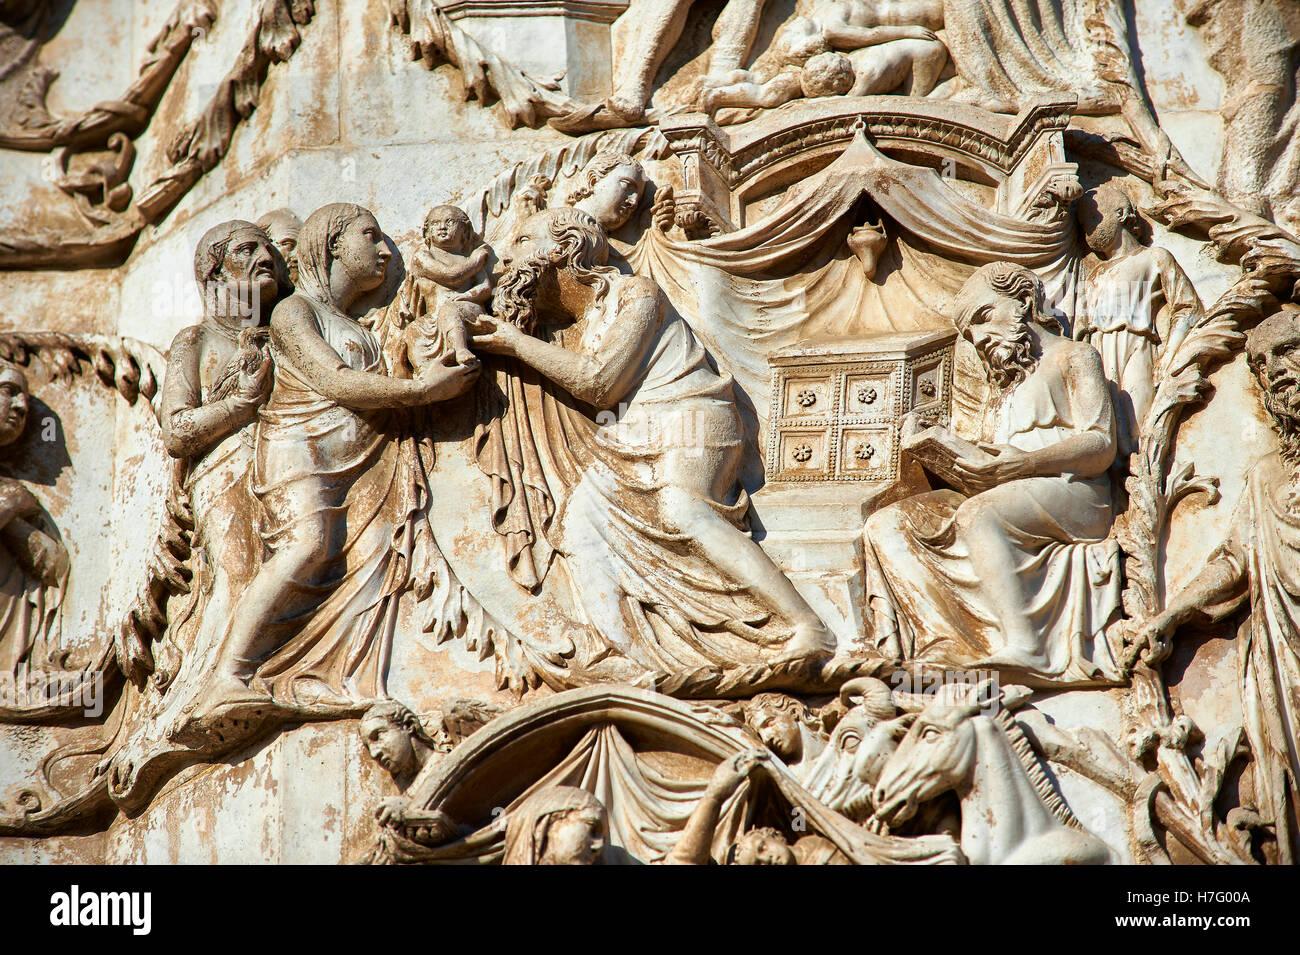 Le Christ présenté au Temple par Maitani circa1310, façade gothique toscan, Cathédrale d'Orvieto, Photo Stock